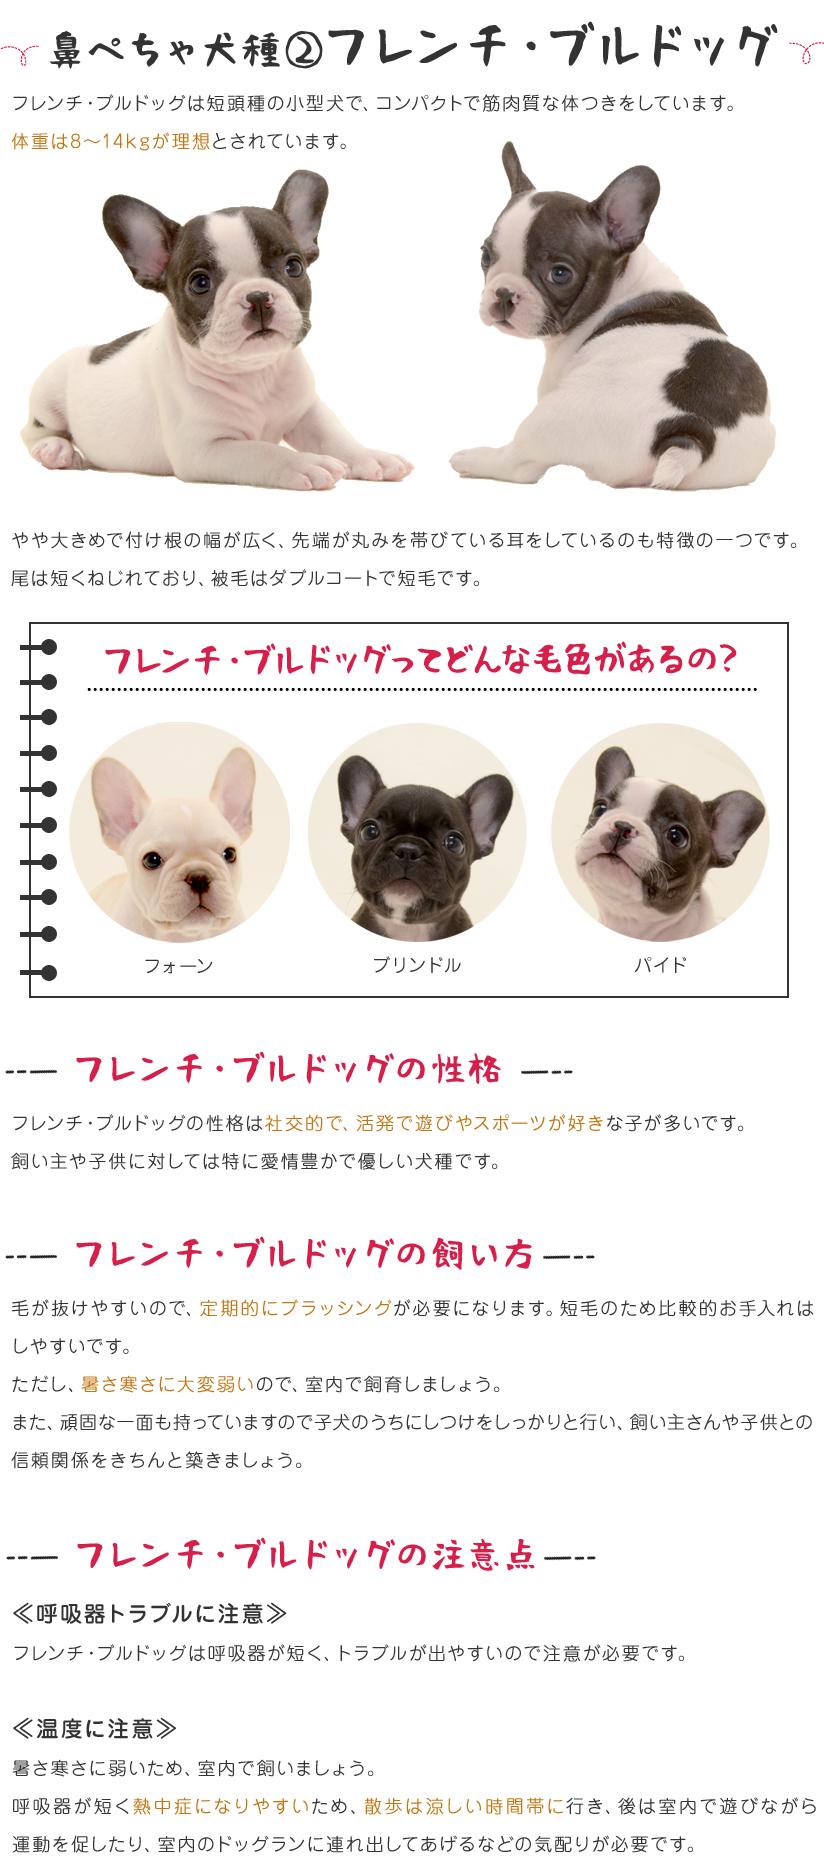 鼻ぺちゃ犬種②フレンチ・ブルドッグ